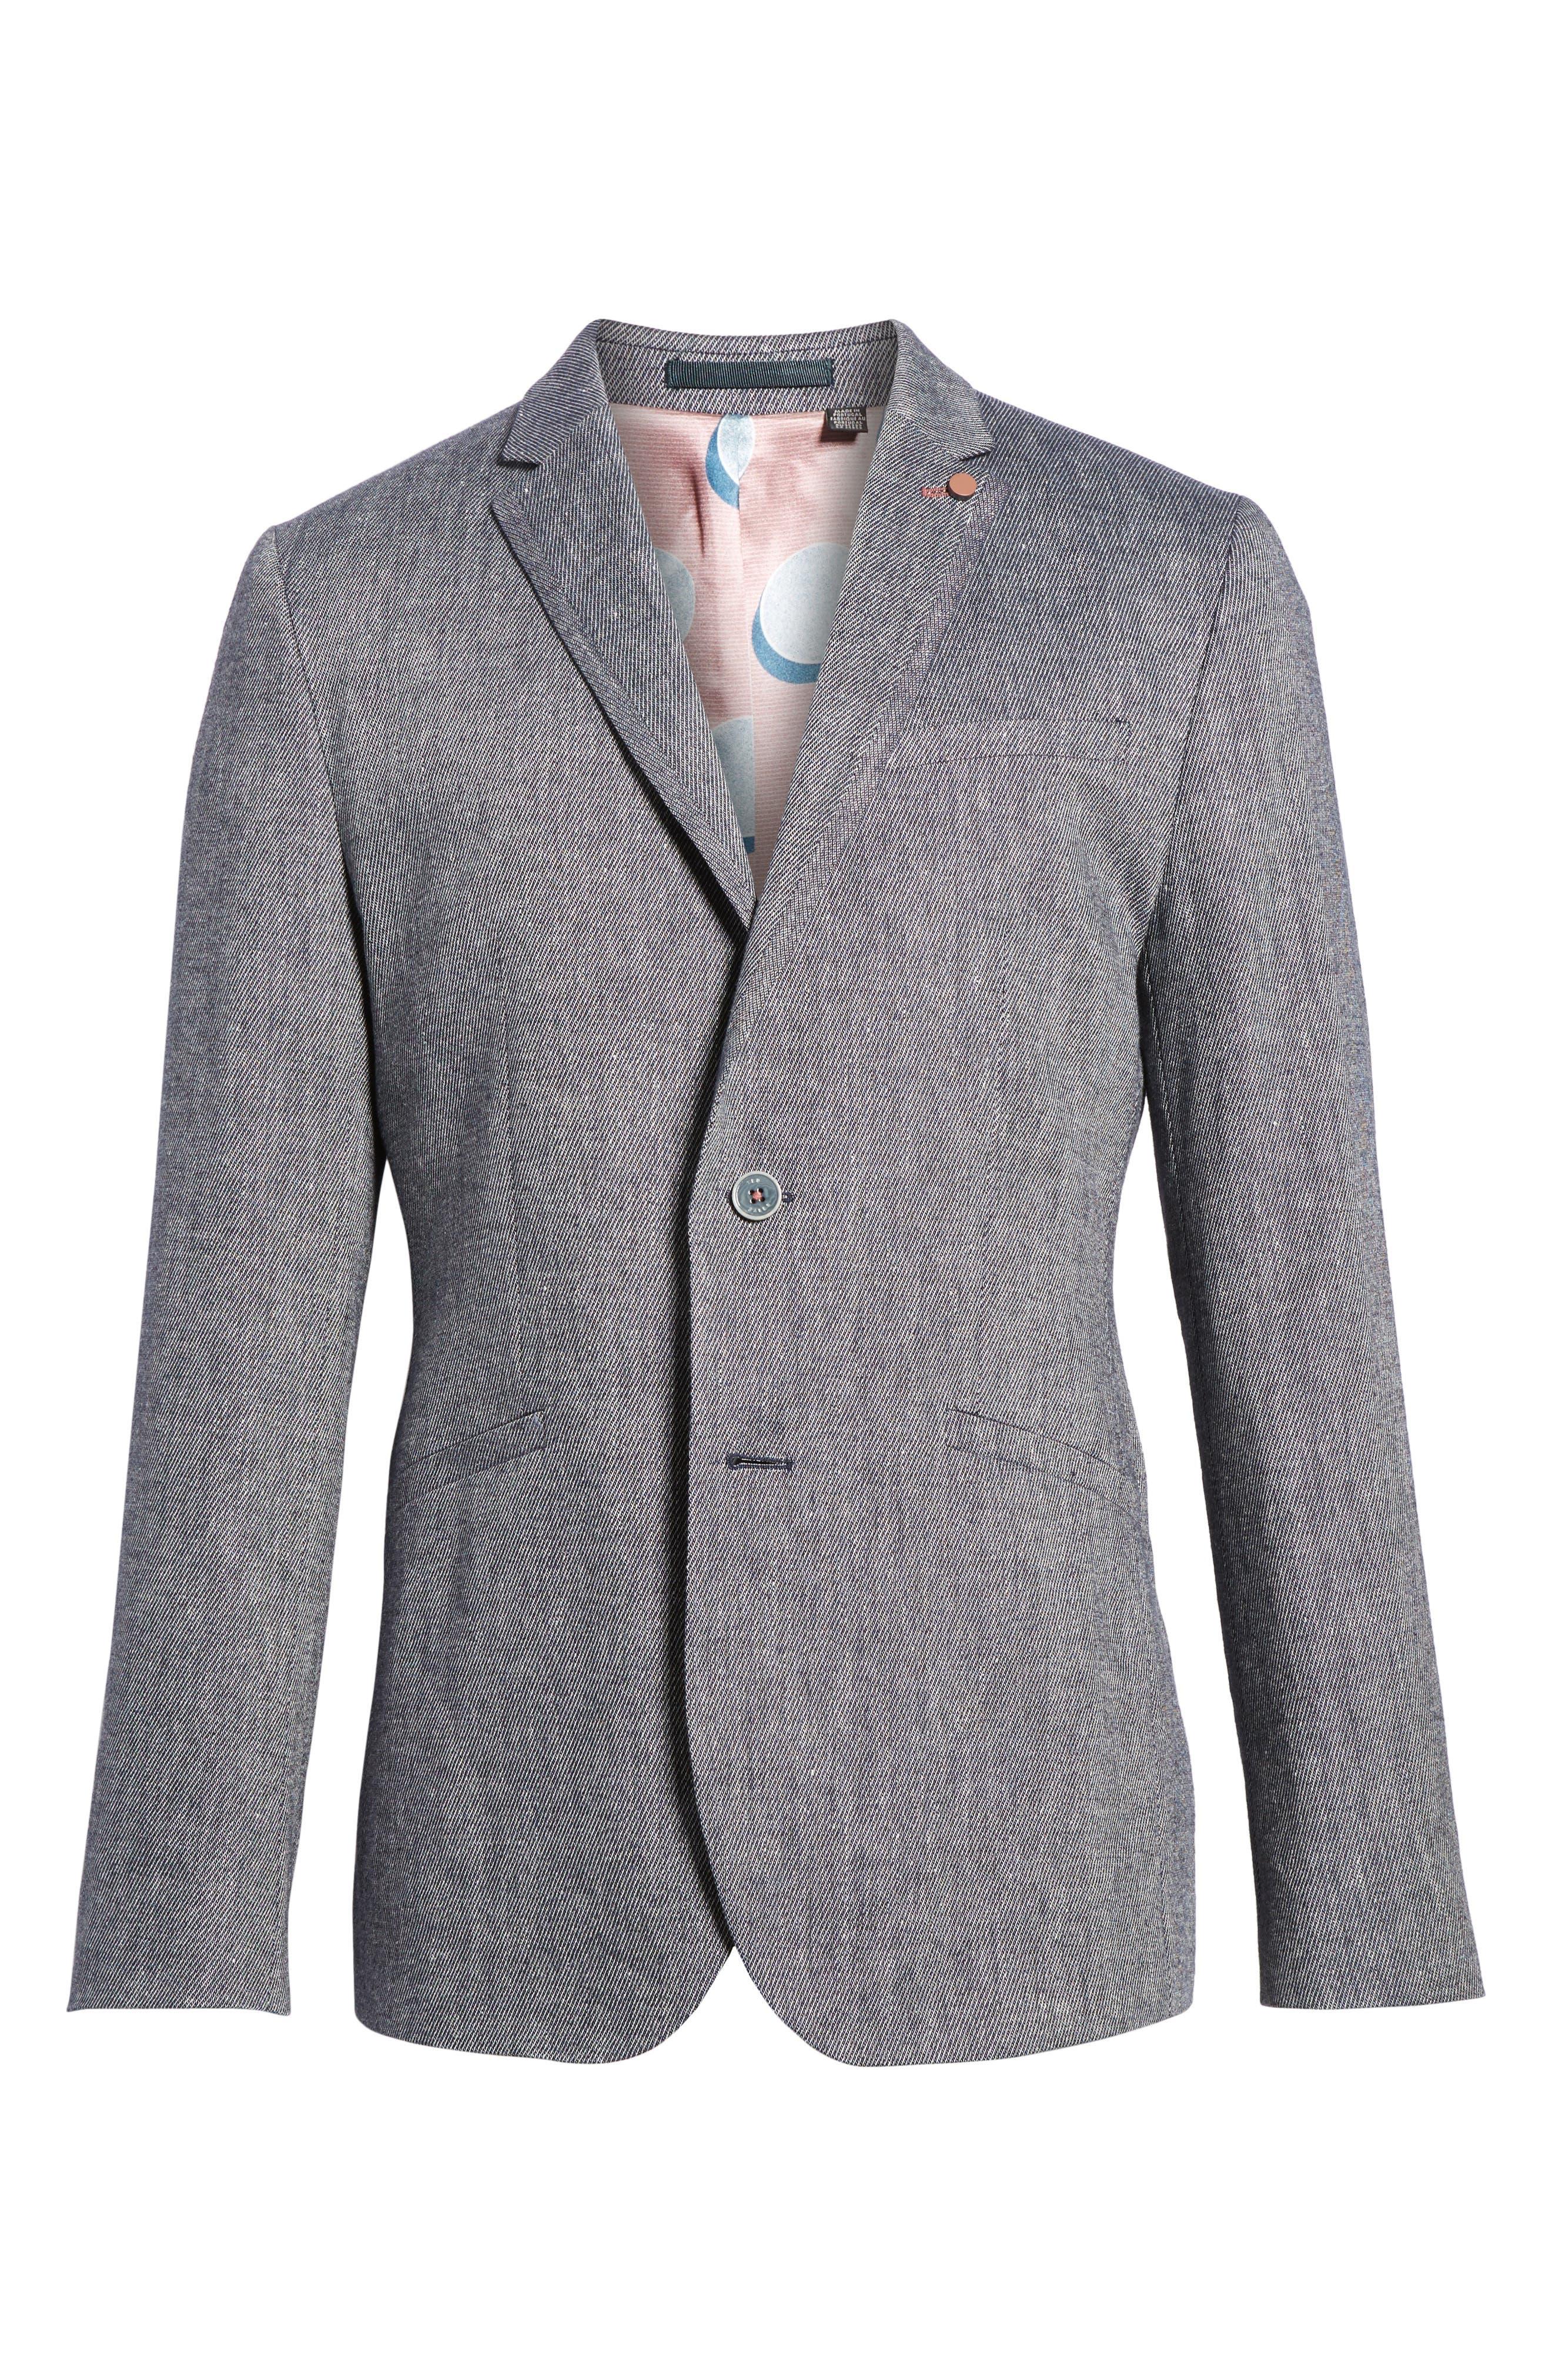 Hines Trim Fit Linen Blend Blazer,                             Alternate thumbnail 5, color,                             BLUE